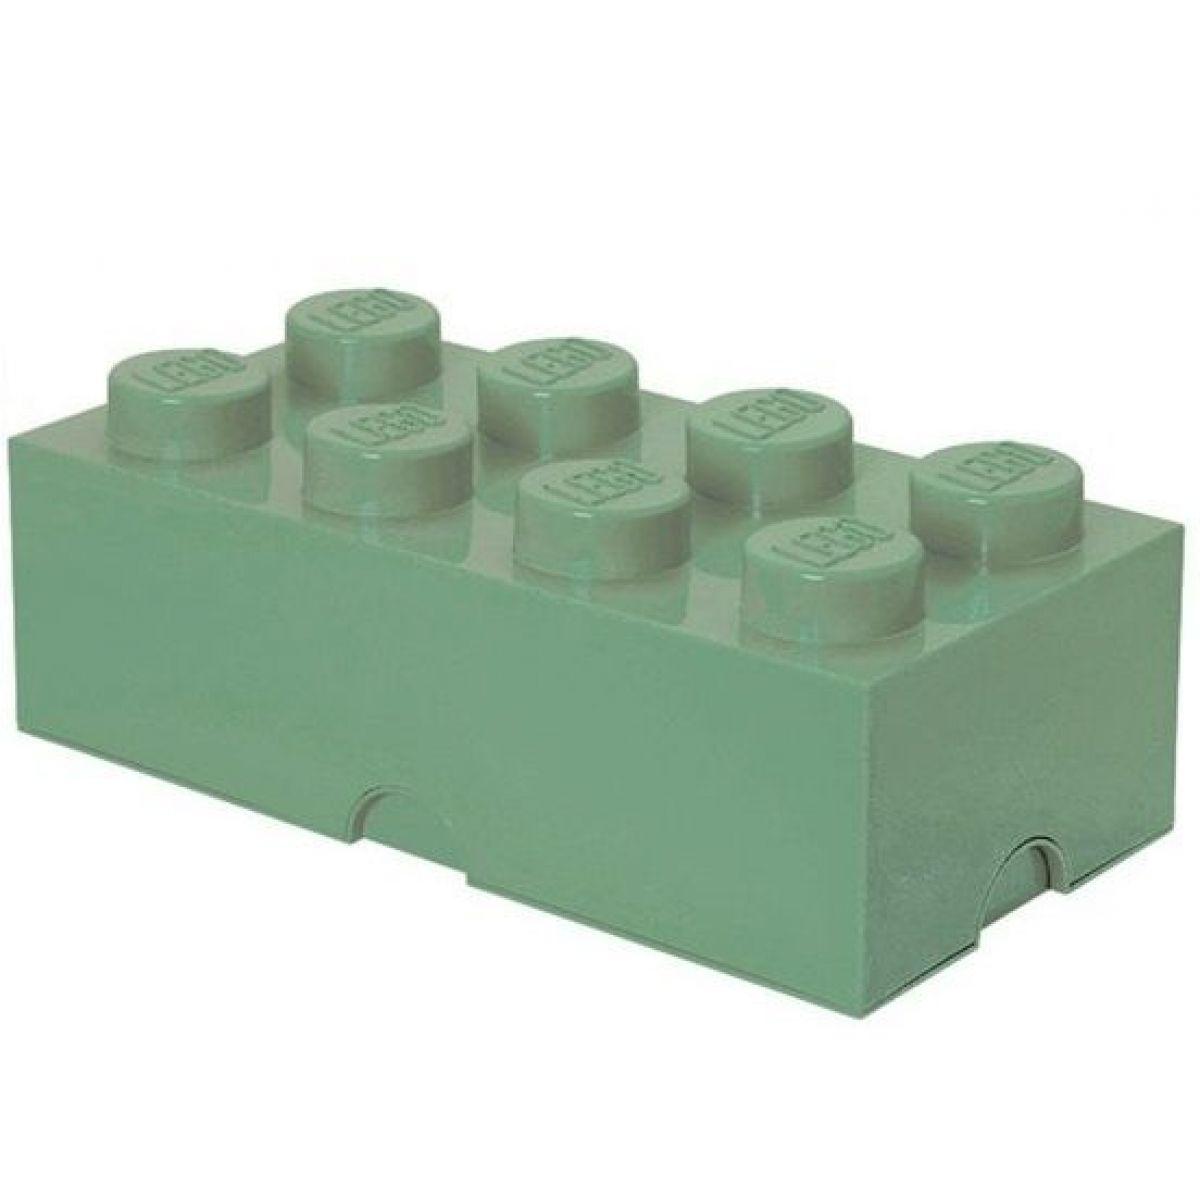 LEGO Úložný box 25x50x18cm Army zelená